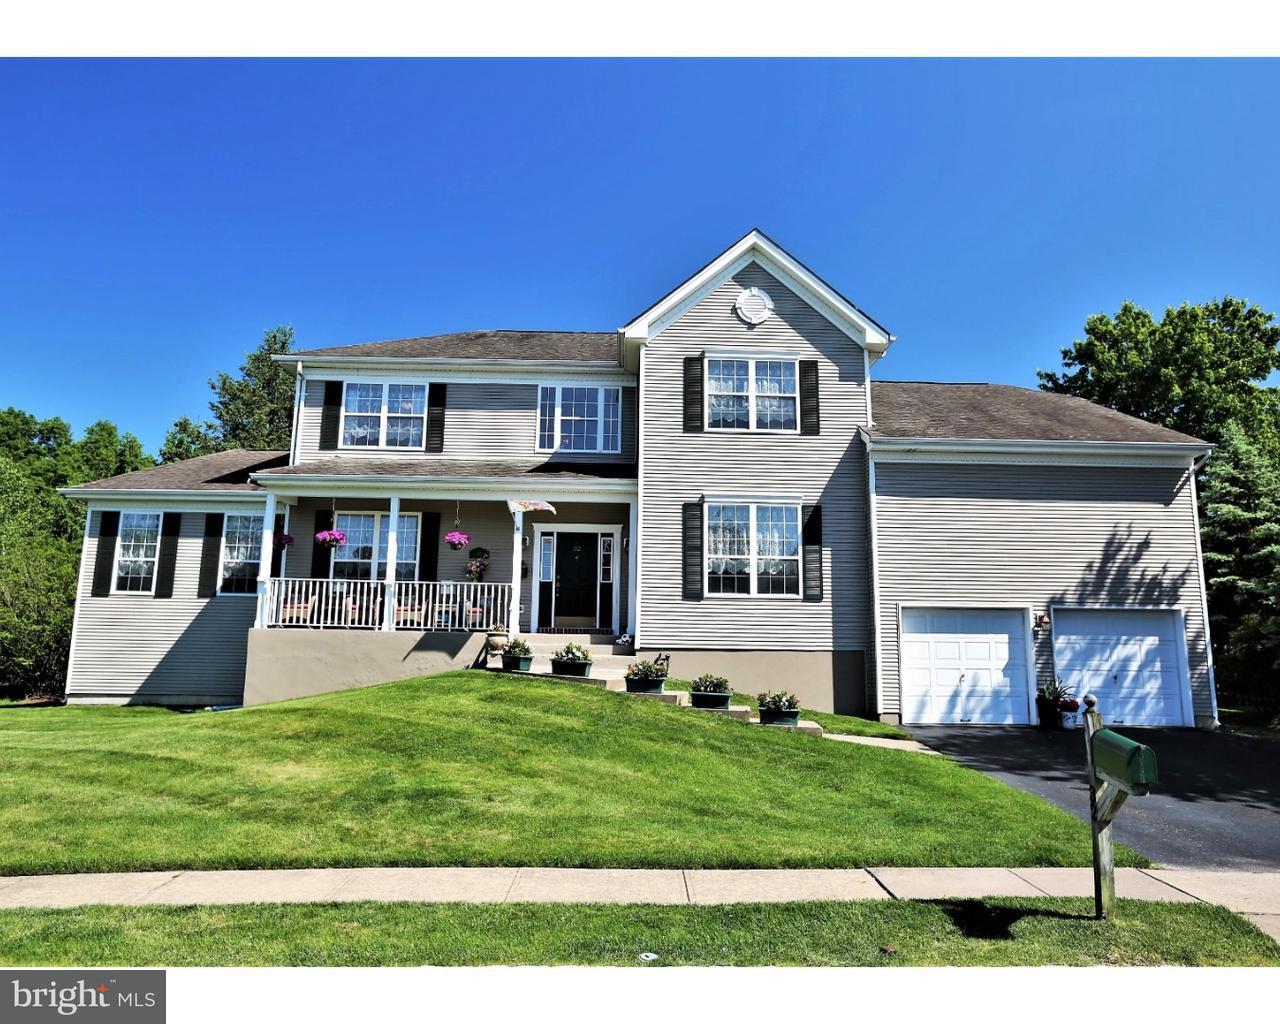 Частный односемейный дом для того Продажа на 32 VILLAGE Road Kendall Park, Нью-Джерси 08824 Соединенные ШтатыВ/Около: South Brunswick Township